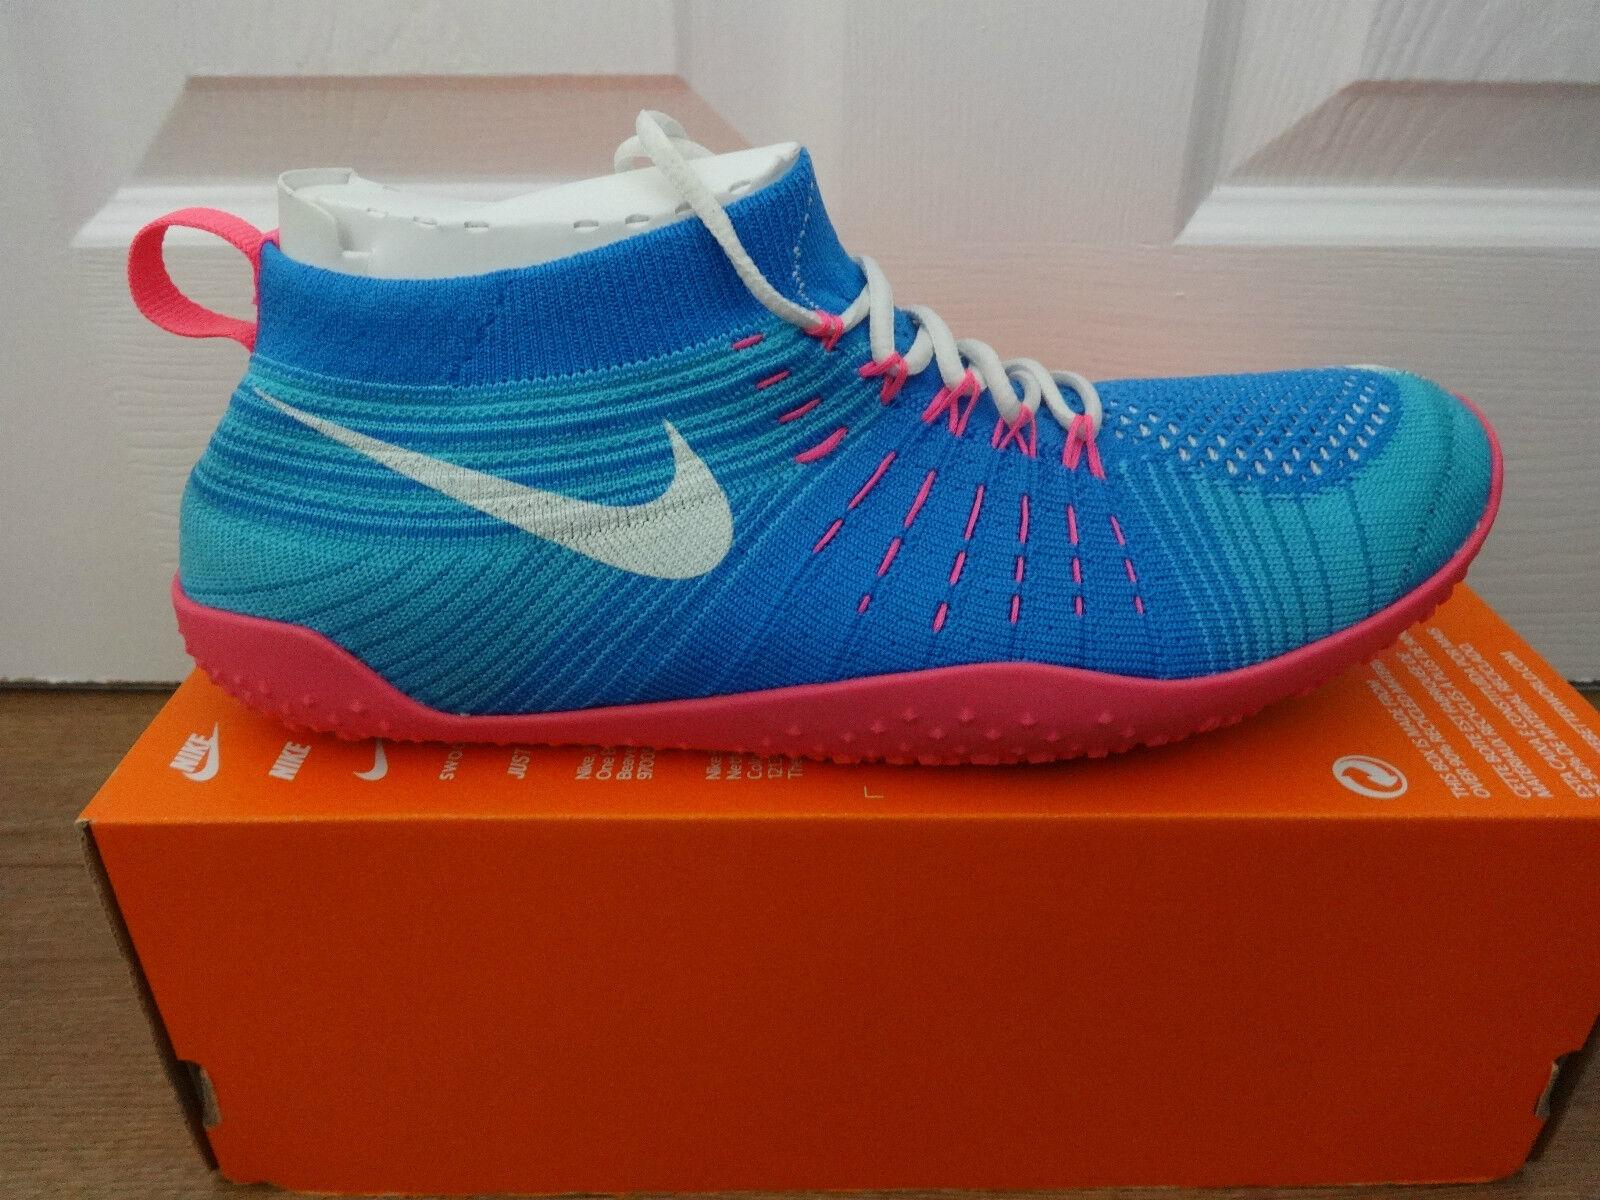 Nike Mujer FLYKNIT 638348 Hyperfeel Cruz Elite Corriendo Zapatillas  Zapatillas  638348 FLYKNIT 400 e22f6c